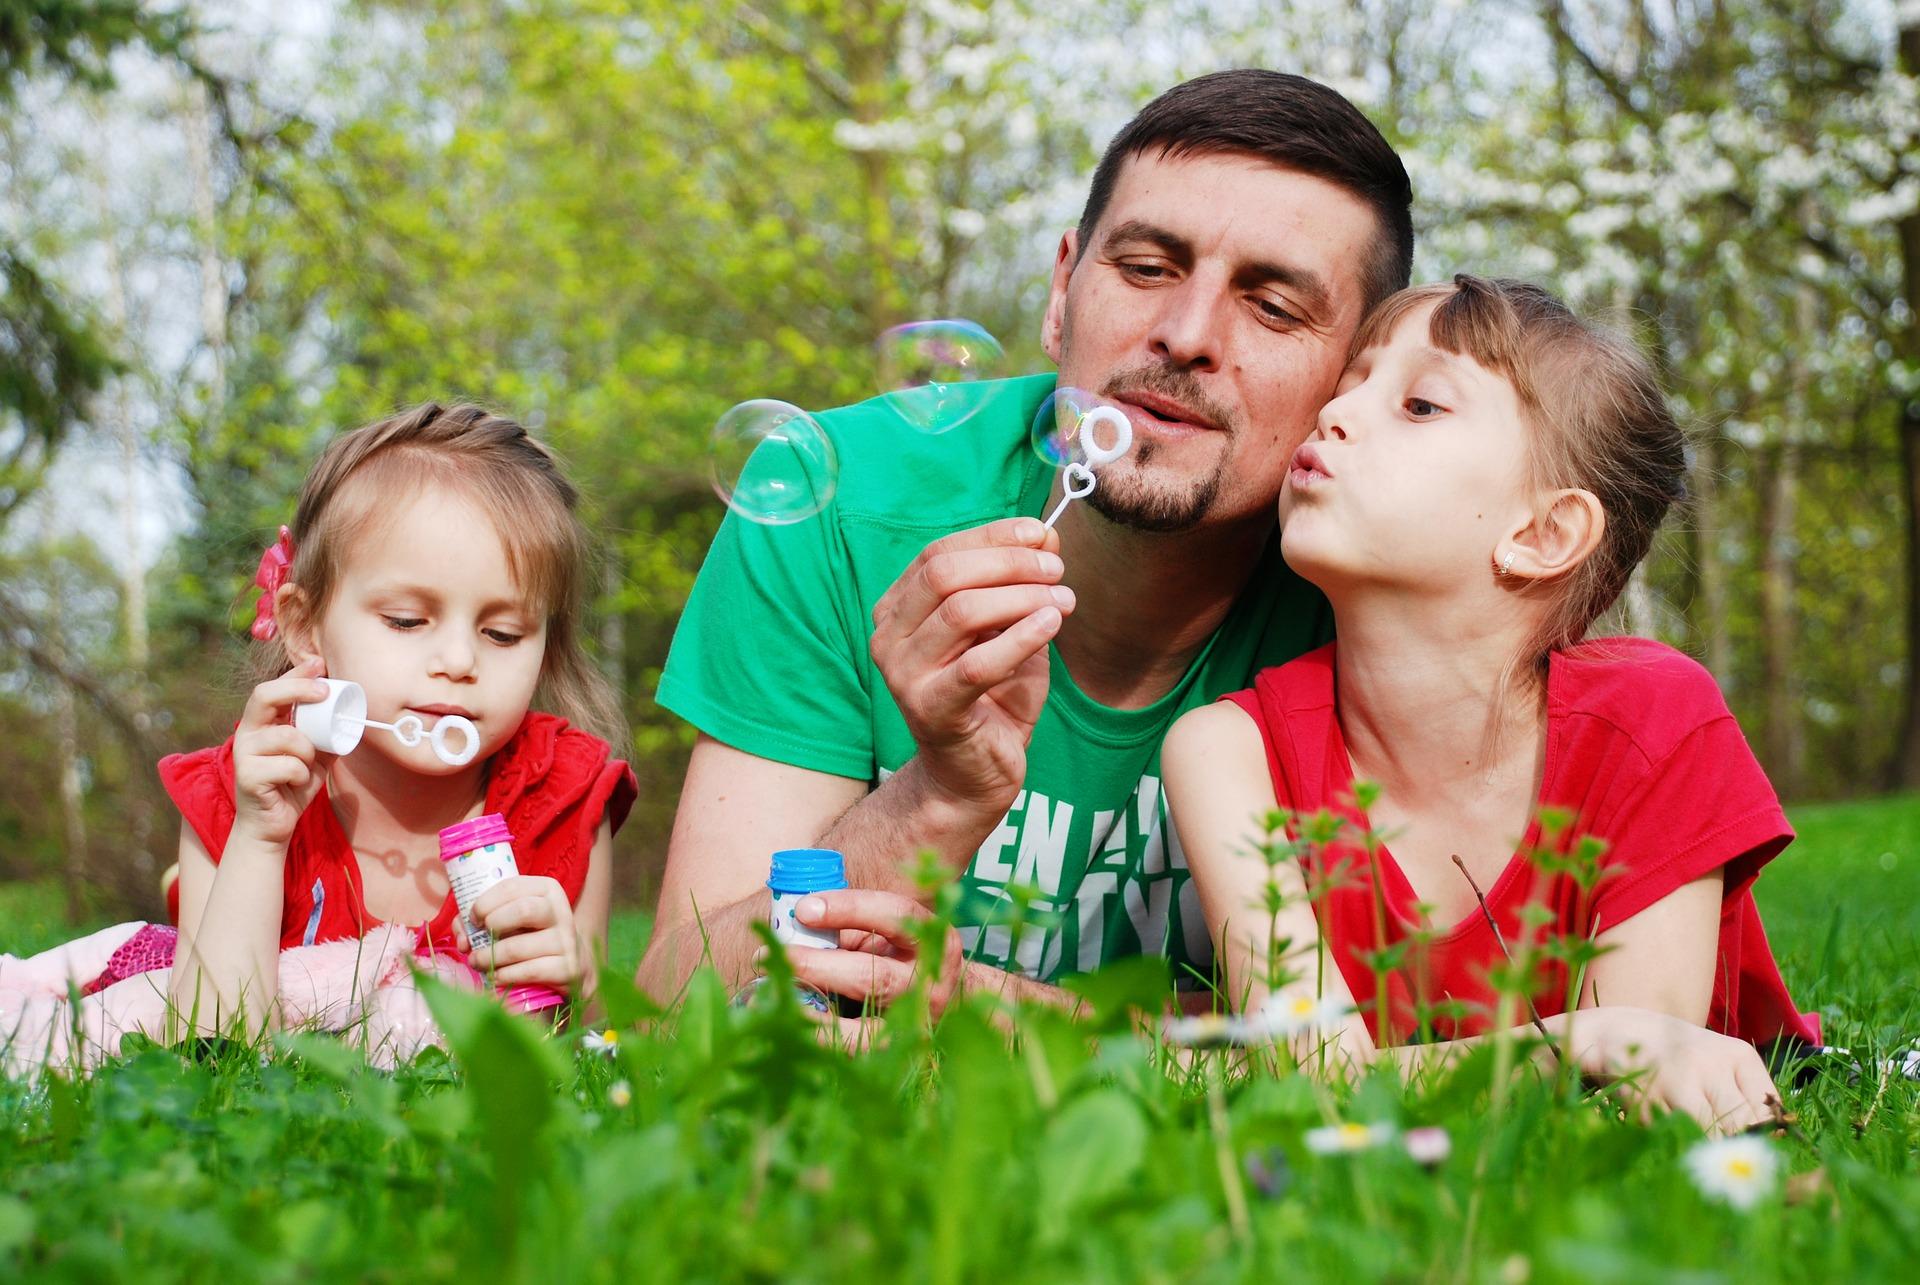 Vanhempi lastensa kanssa enurmikolla puhaltelemassa saippuakuplia